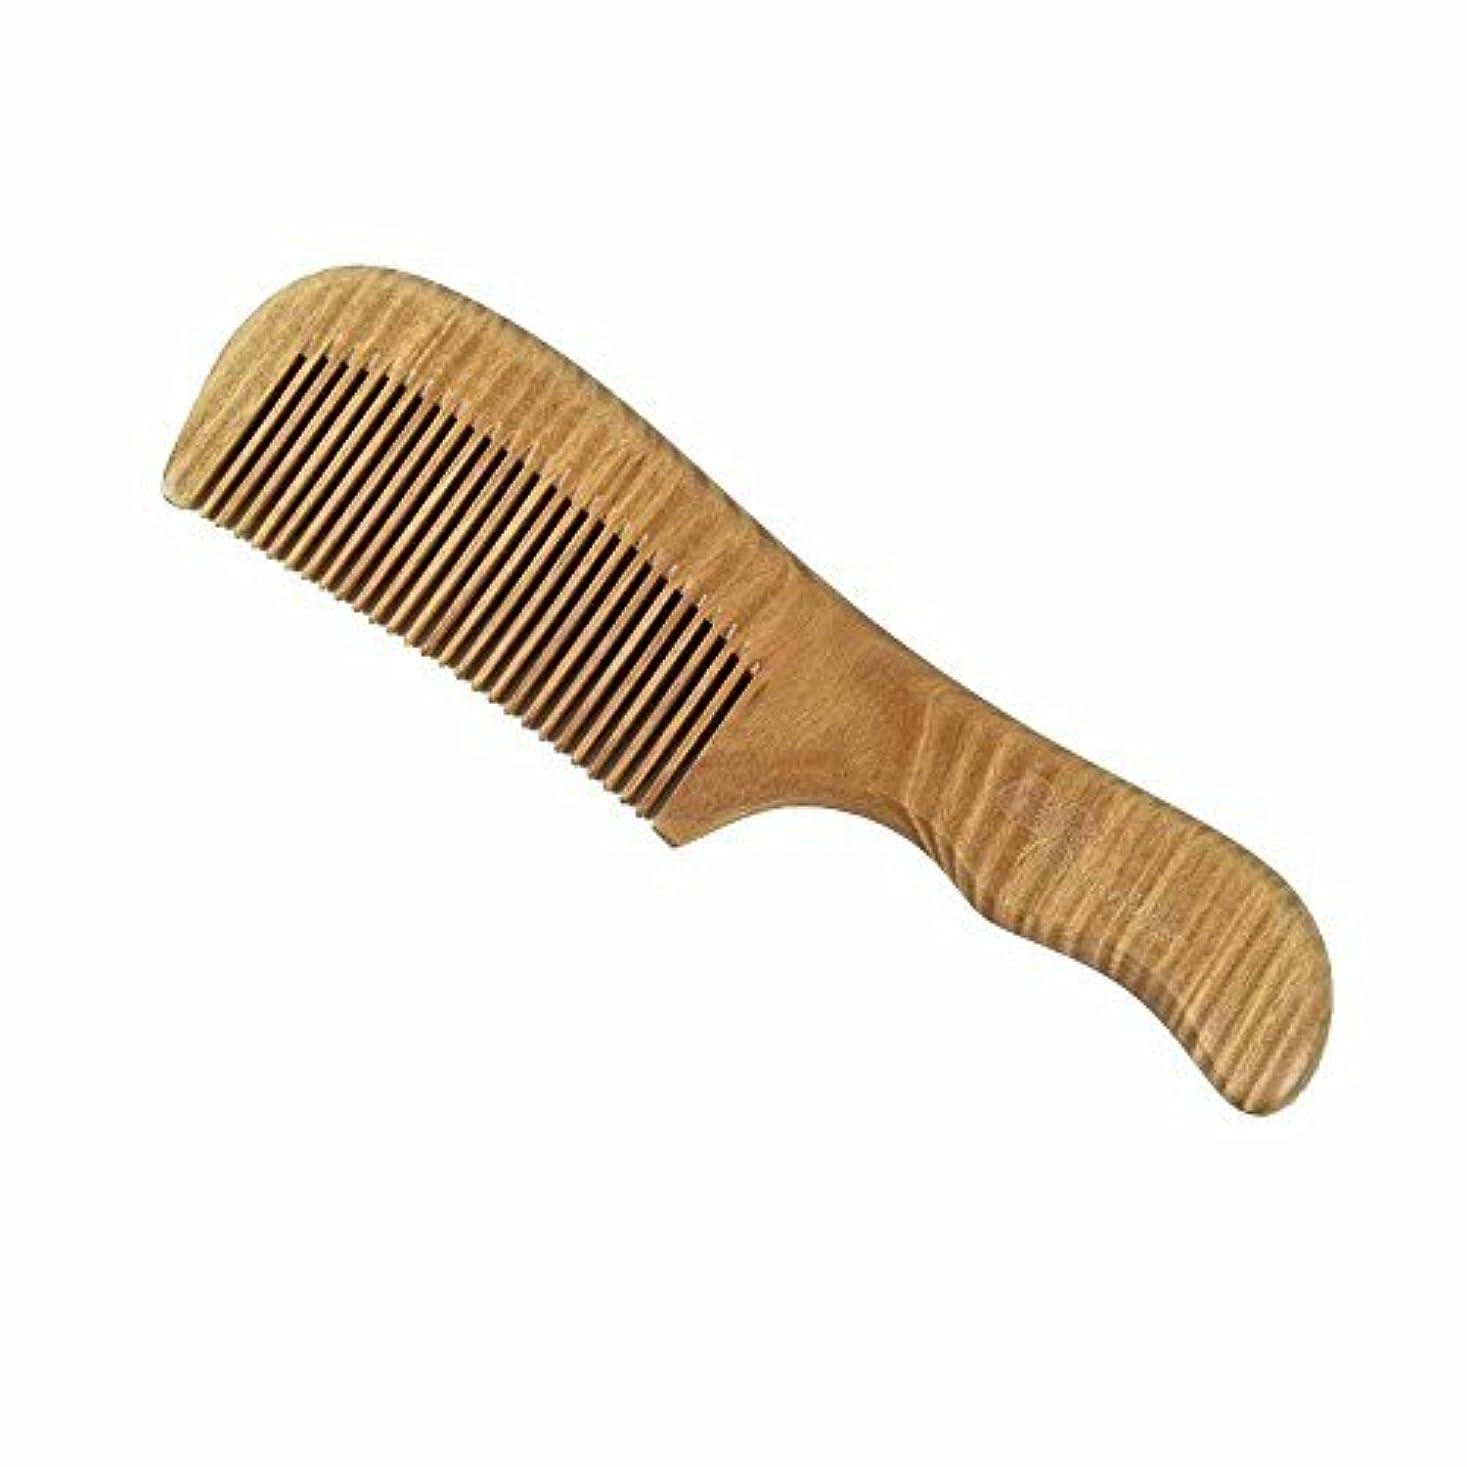 有効な世辞高潔なWooden Hair Brush, by GoWoo, Fine Tooth, Detangling, Natural and Handmade, for Men and Women, From Earth to Earth...